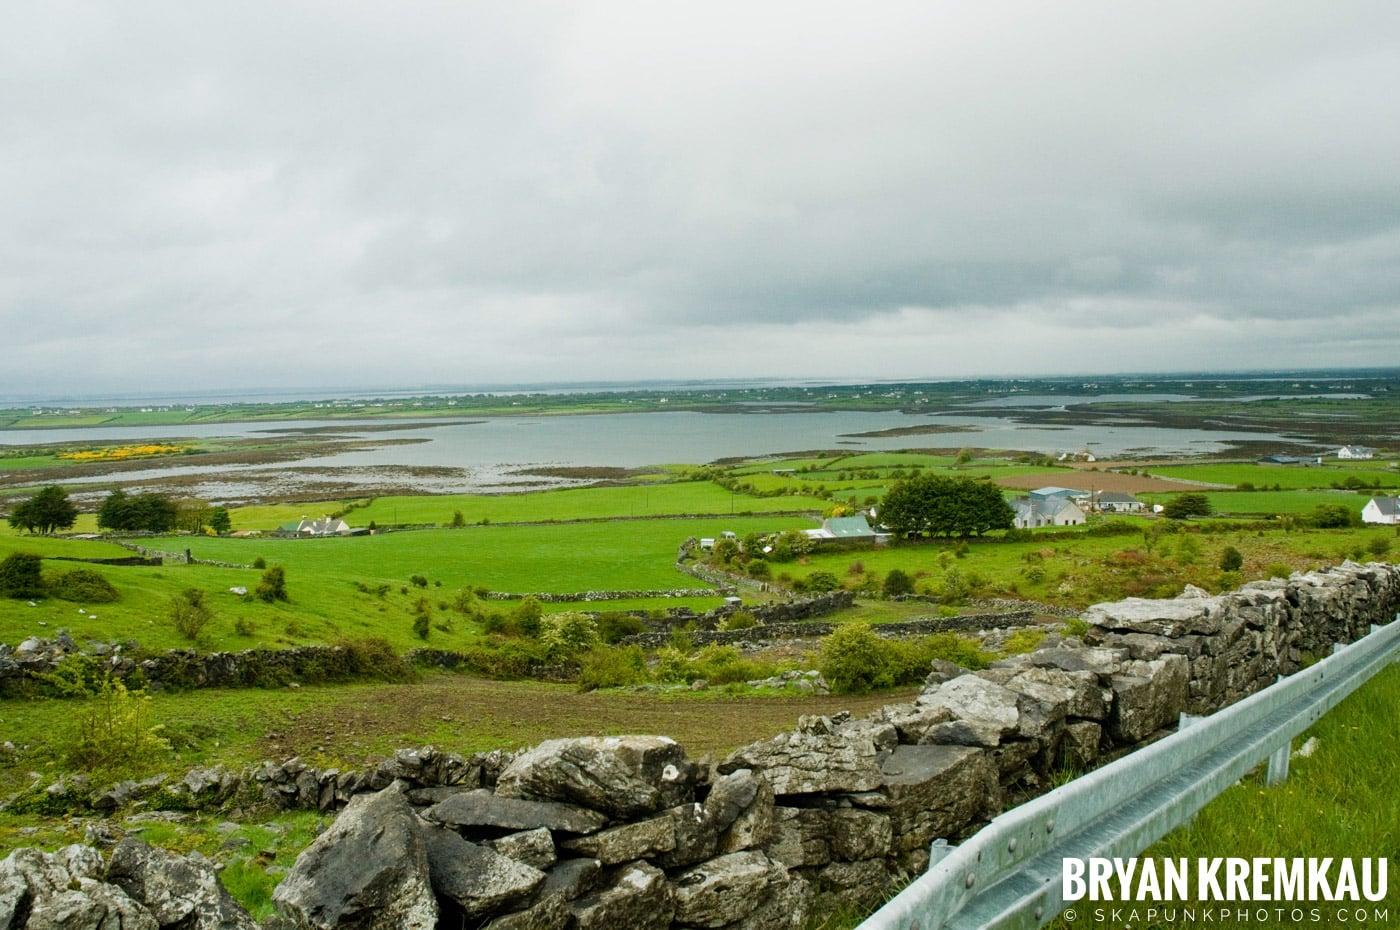 Dublin, Ireland Vacation - Day 3 (5)